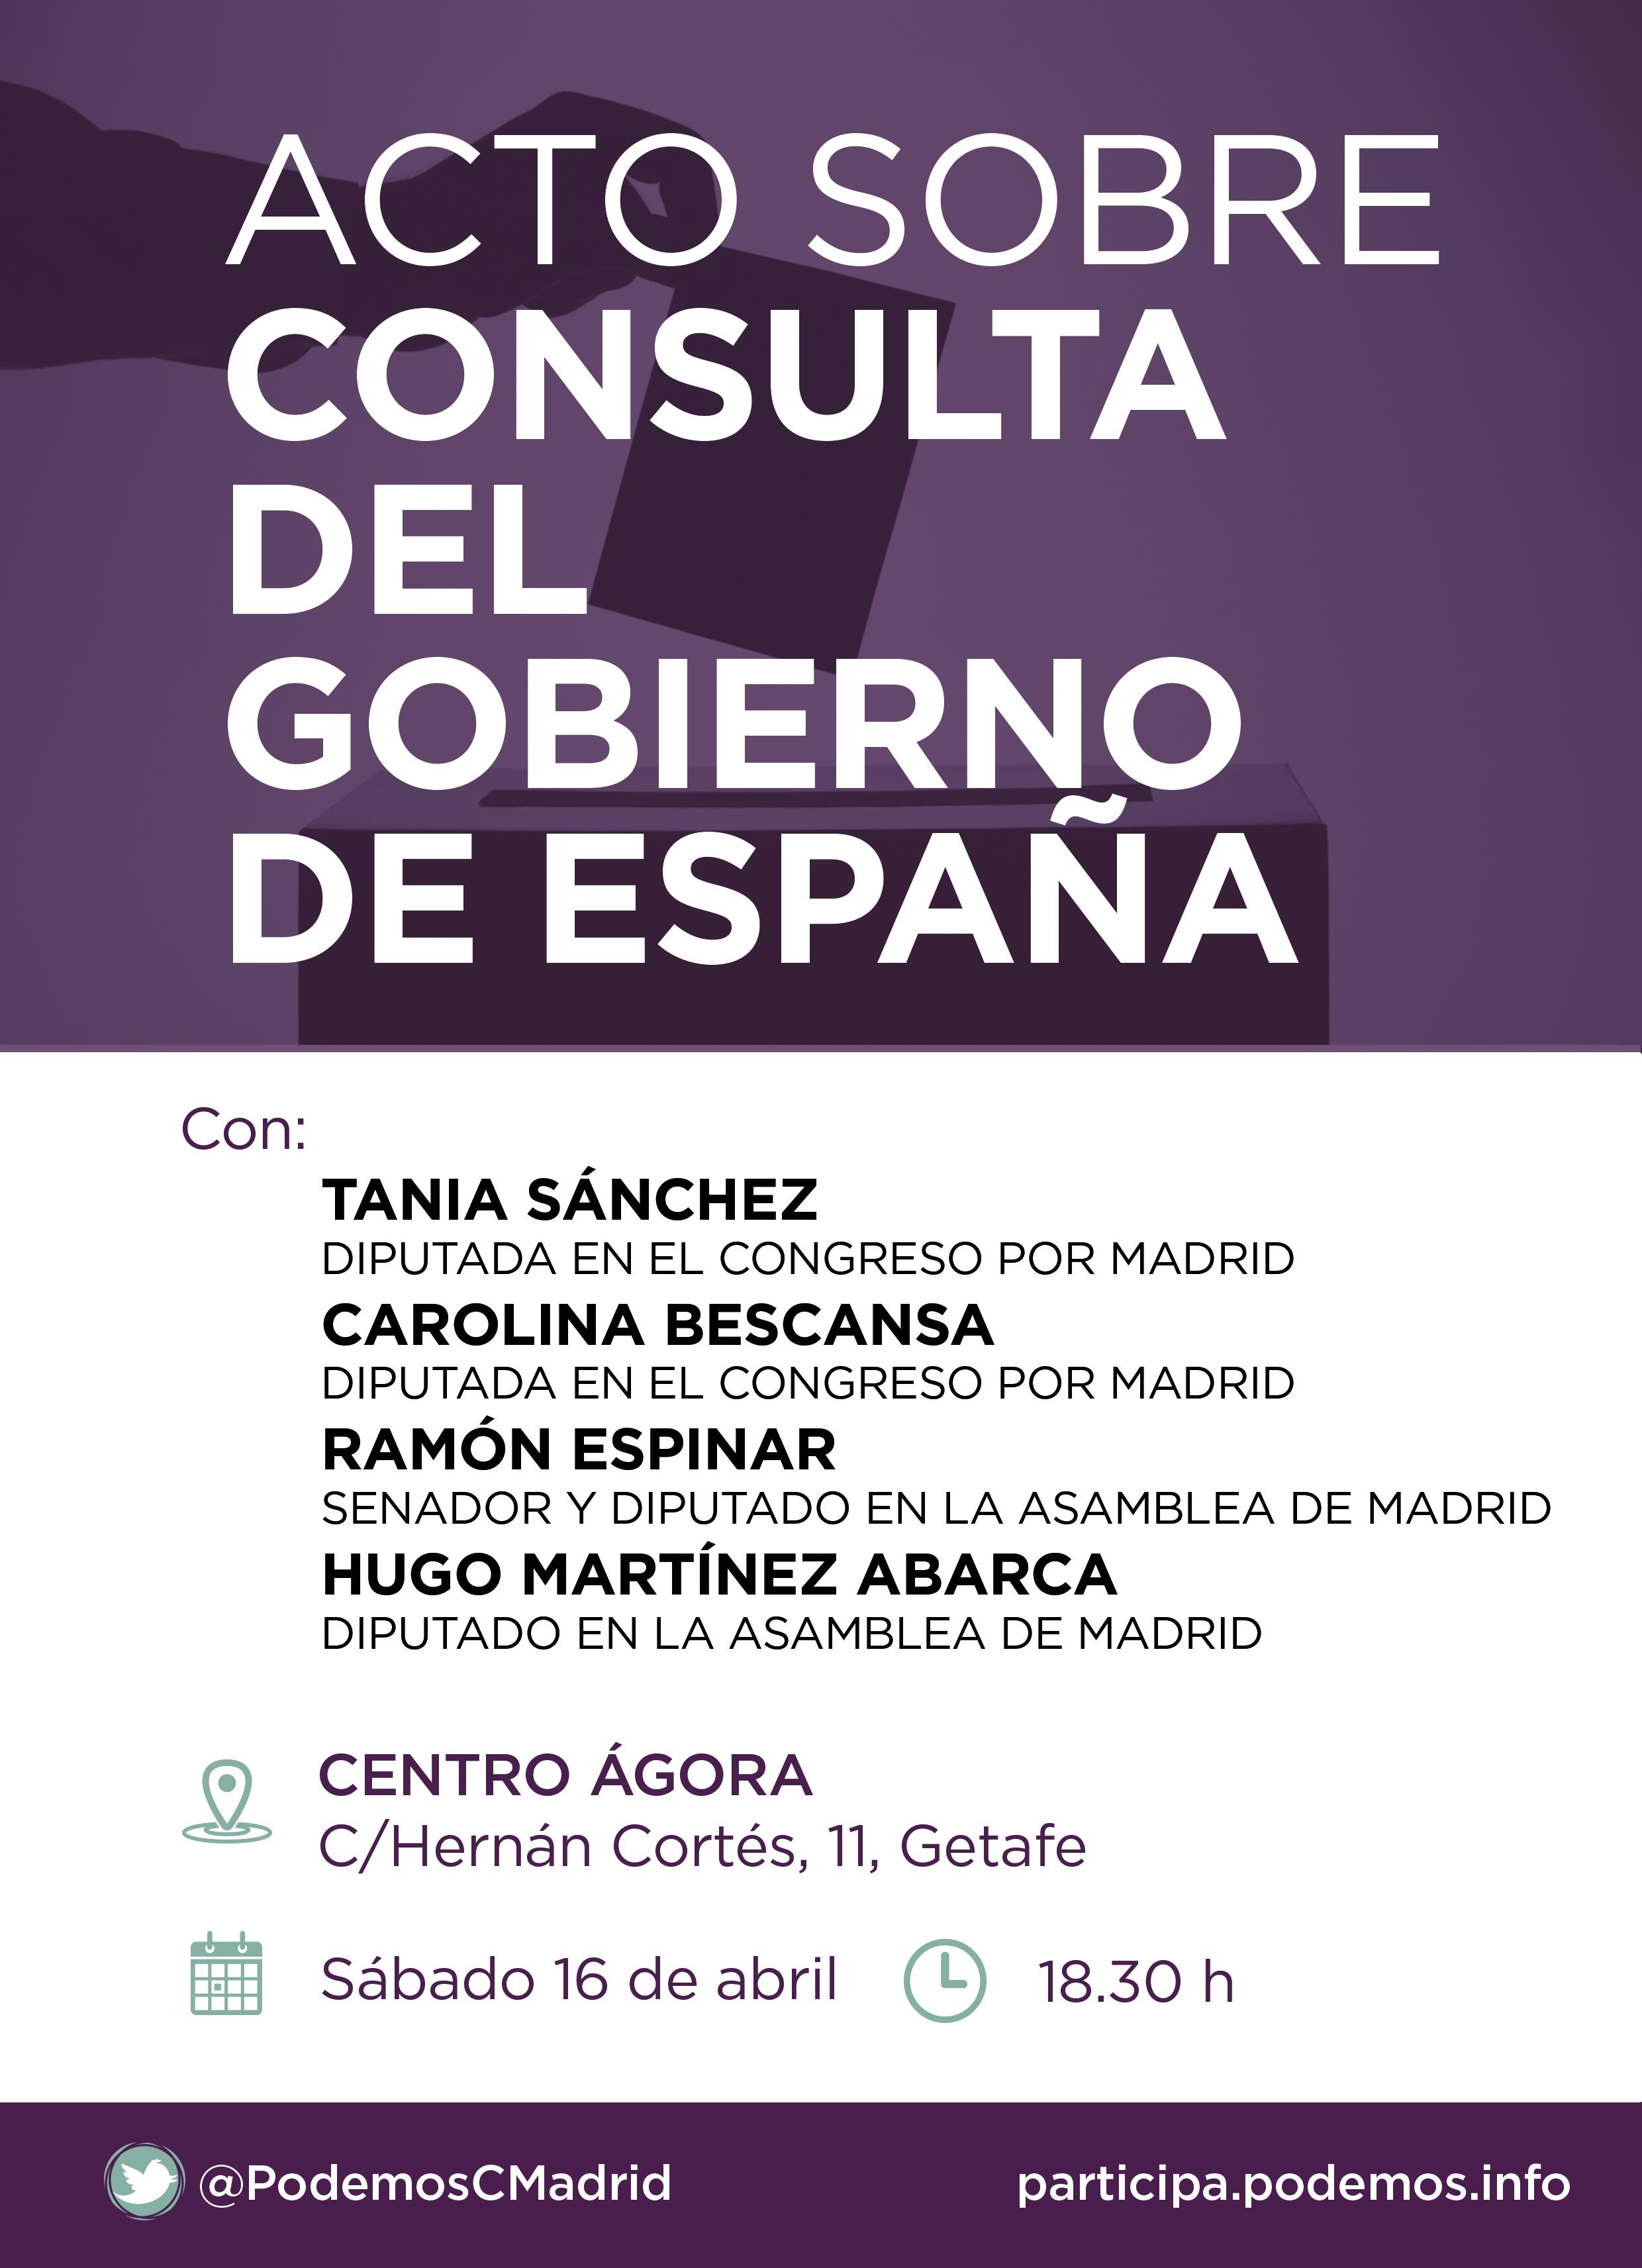 Acto sobre la CONSULTA DEL GOBIERNO DE ESPAÑA